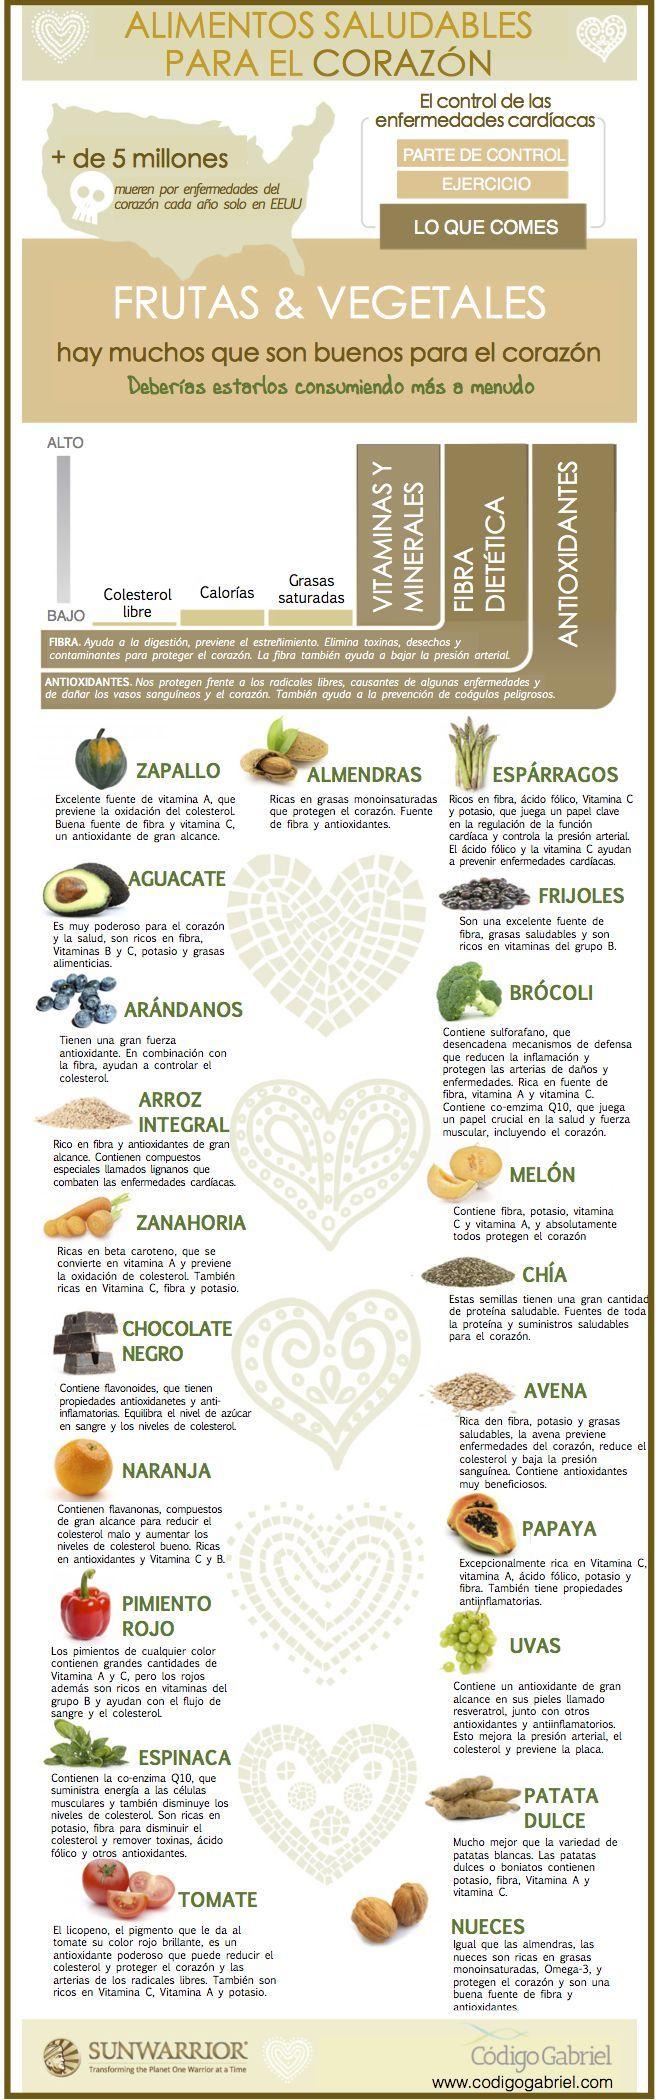 Alimentos saludables para el coraz n salud natural and food - Alimentos saludables para el corazon ...